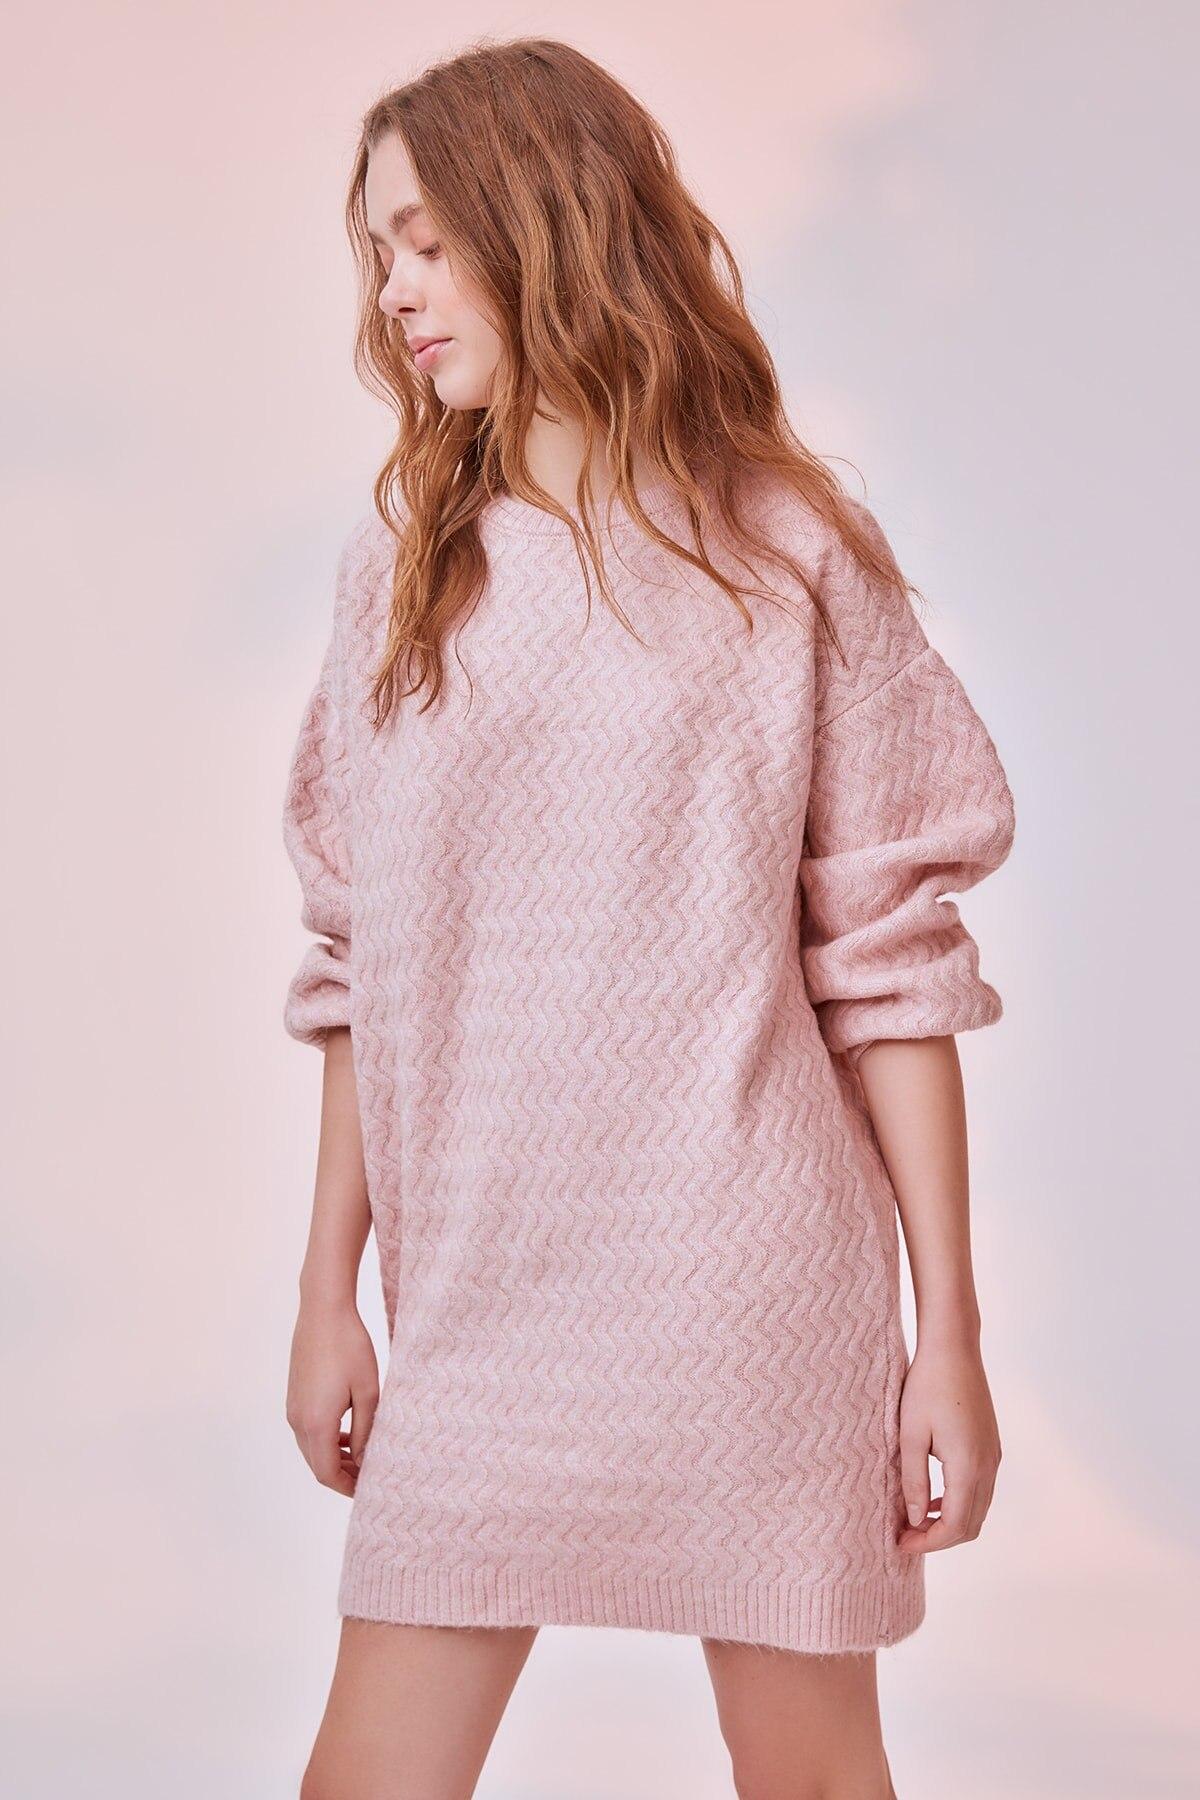 Trendyol Patterned Knitwear Sweater TWOAW20KZ0214